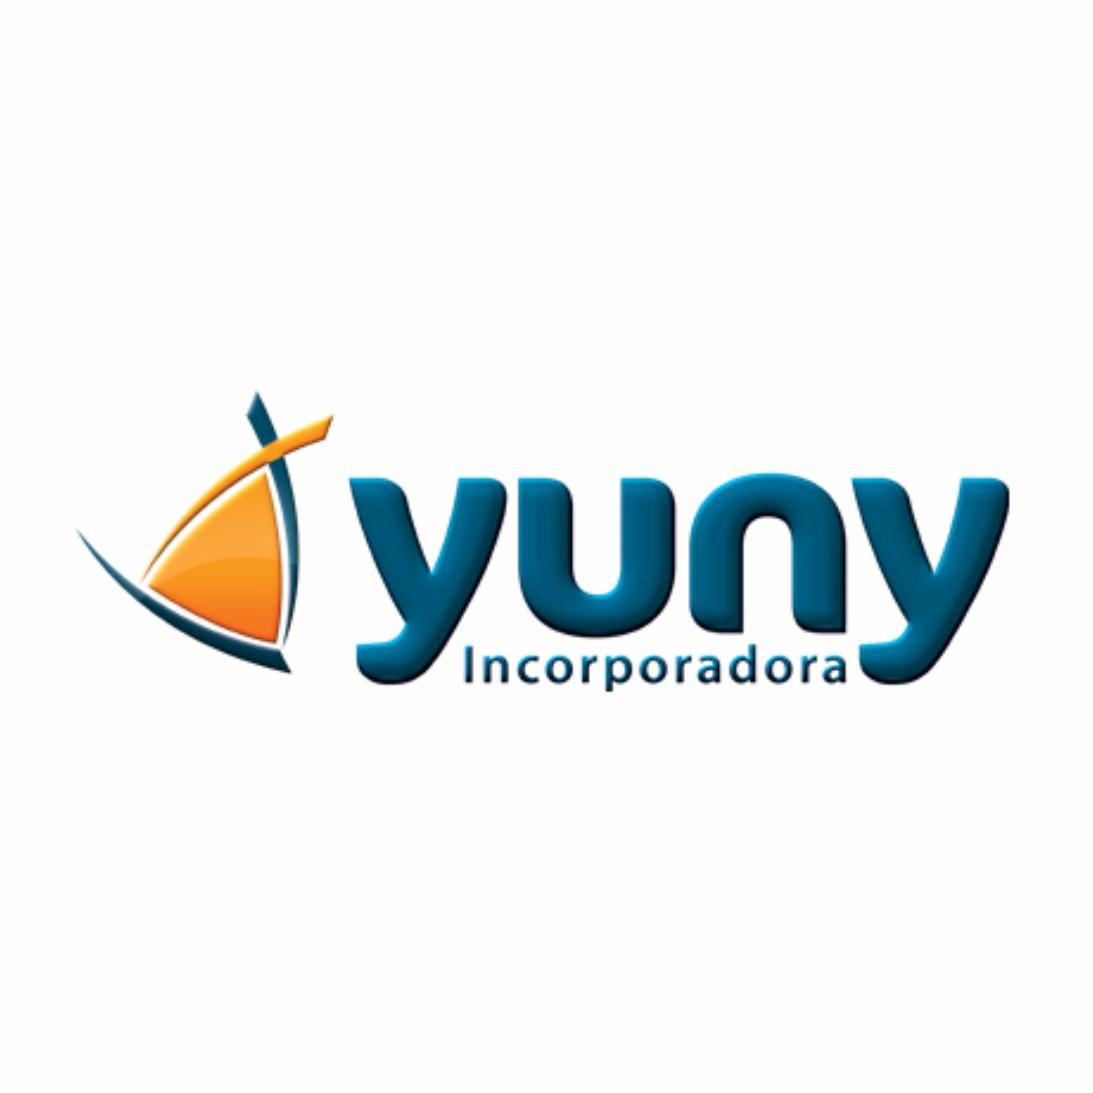 springbok logo vector 2aI